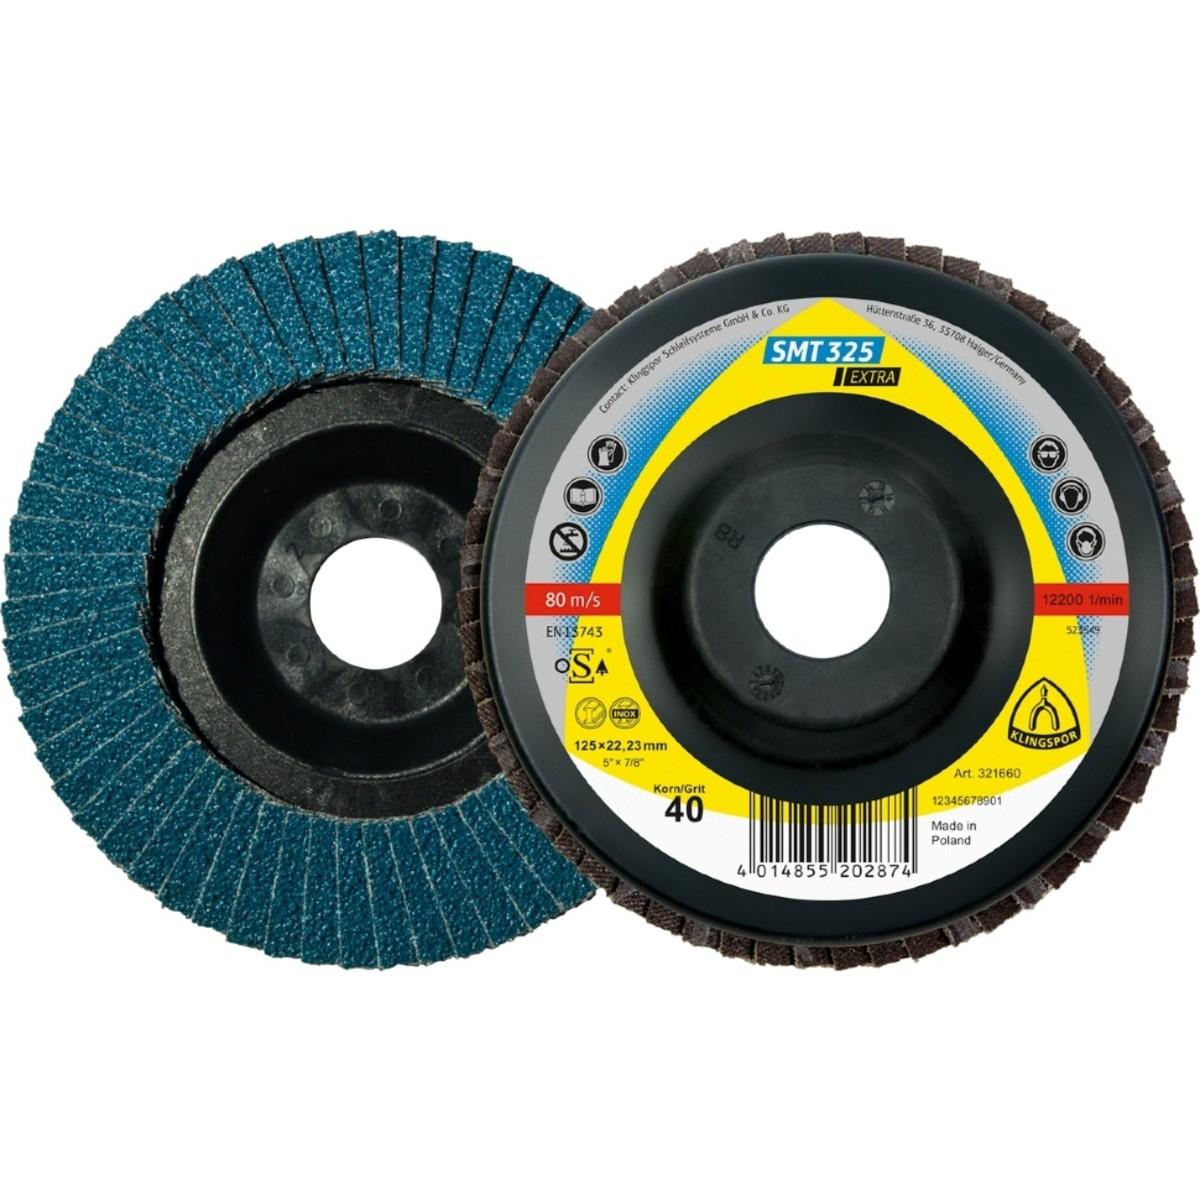 Лепестковый торцевой круг Klingspor Extra SMT 325 125 мм плоский P80 10 шт 321658 10 шт